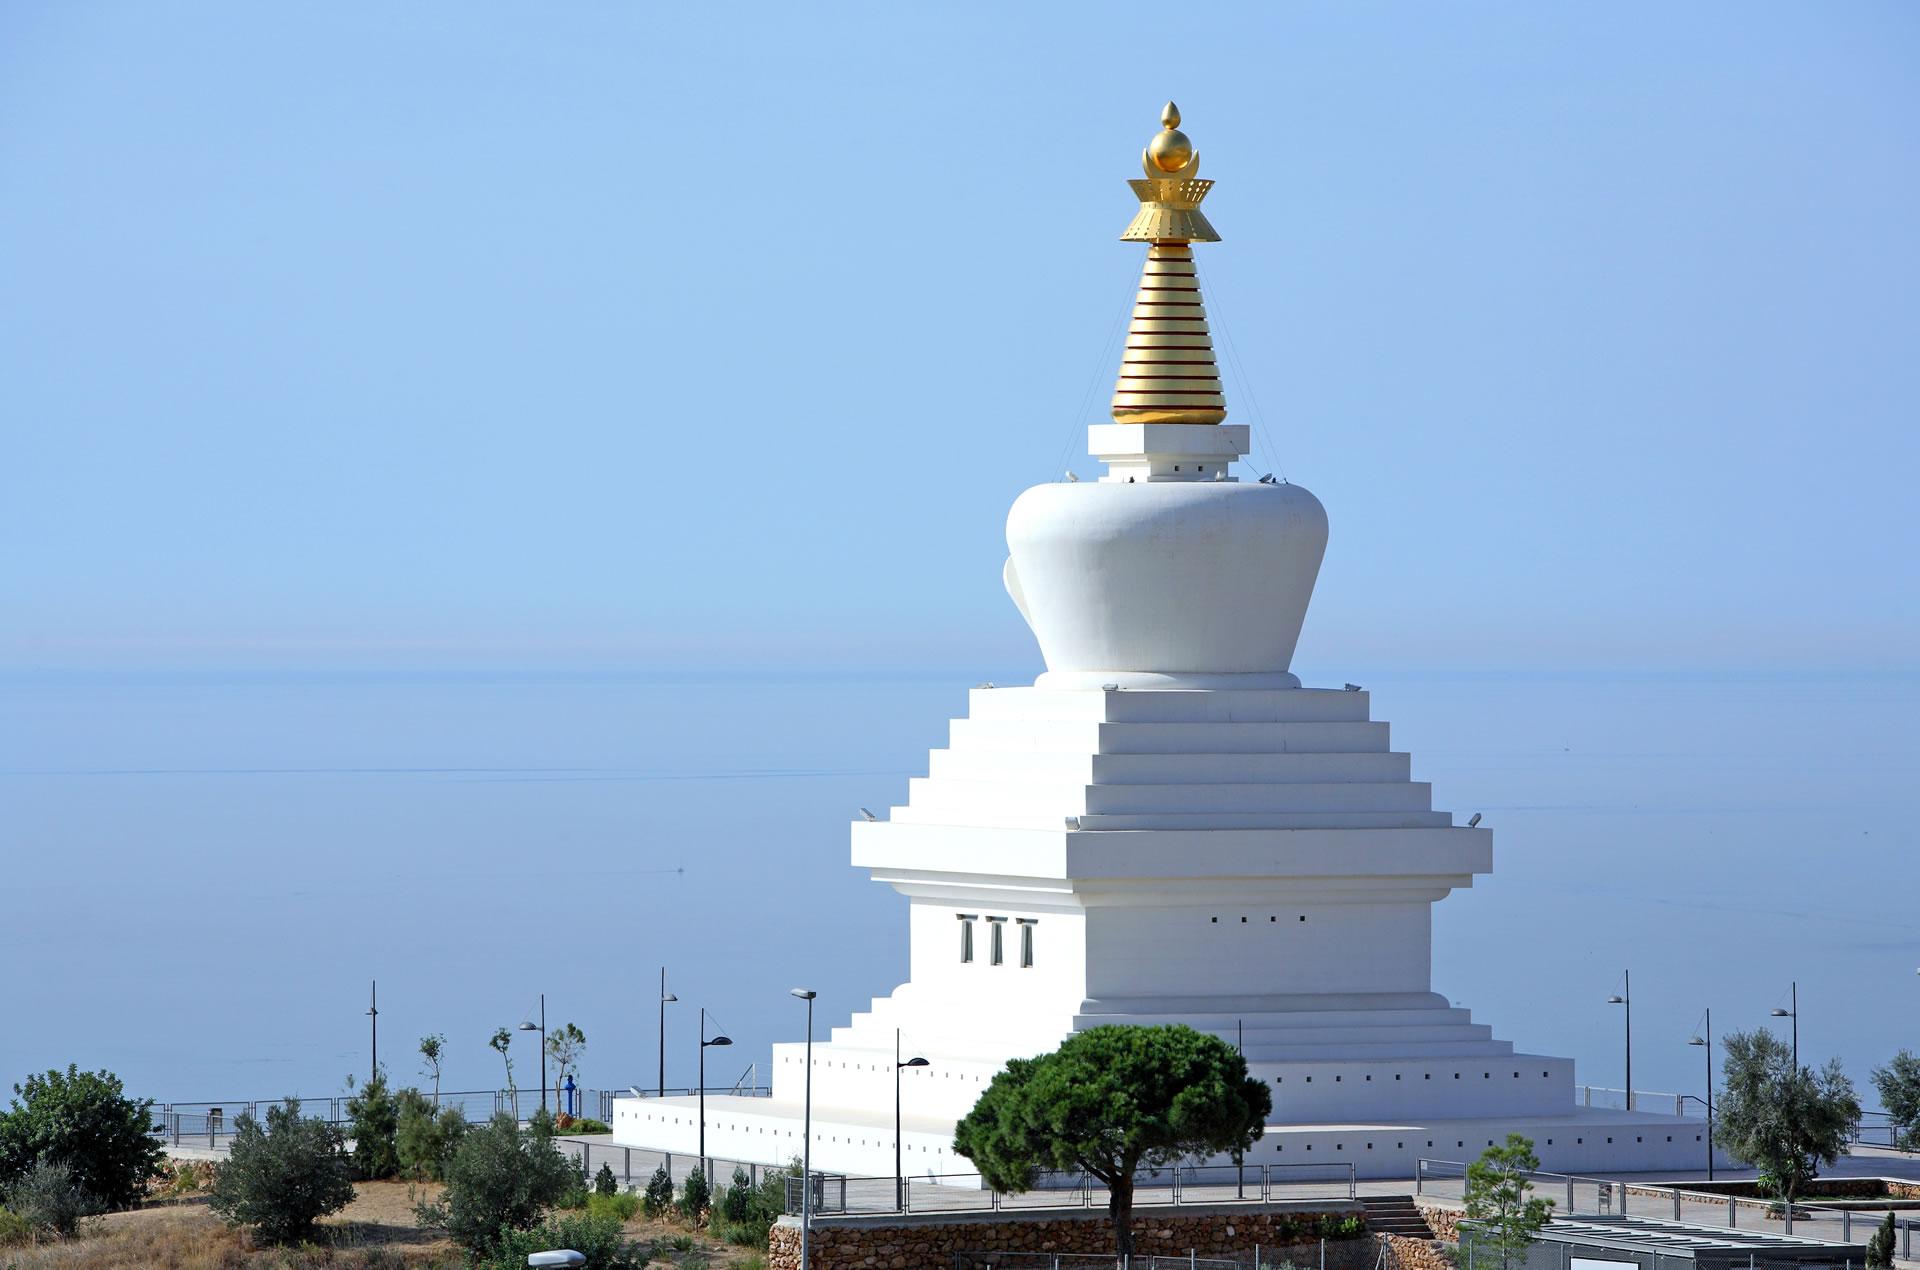 Monuments to visit in Benalmadena